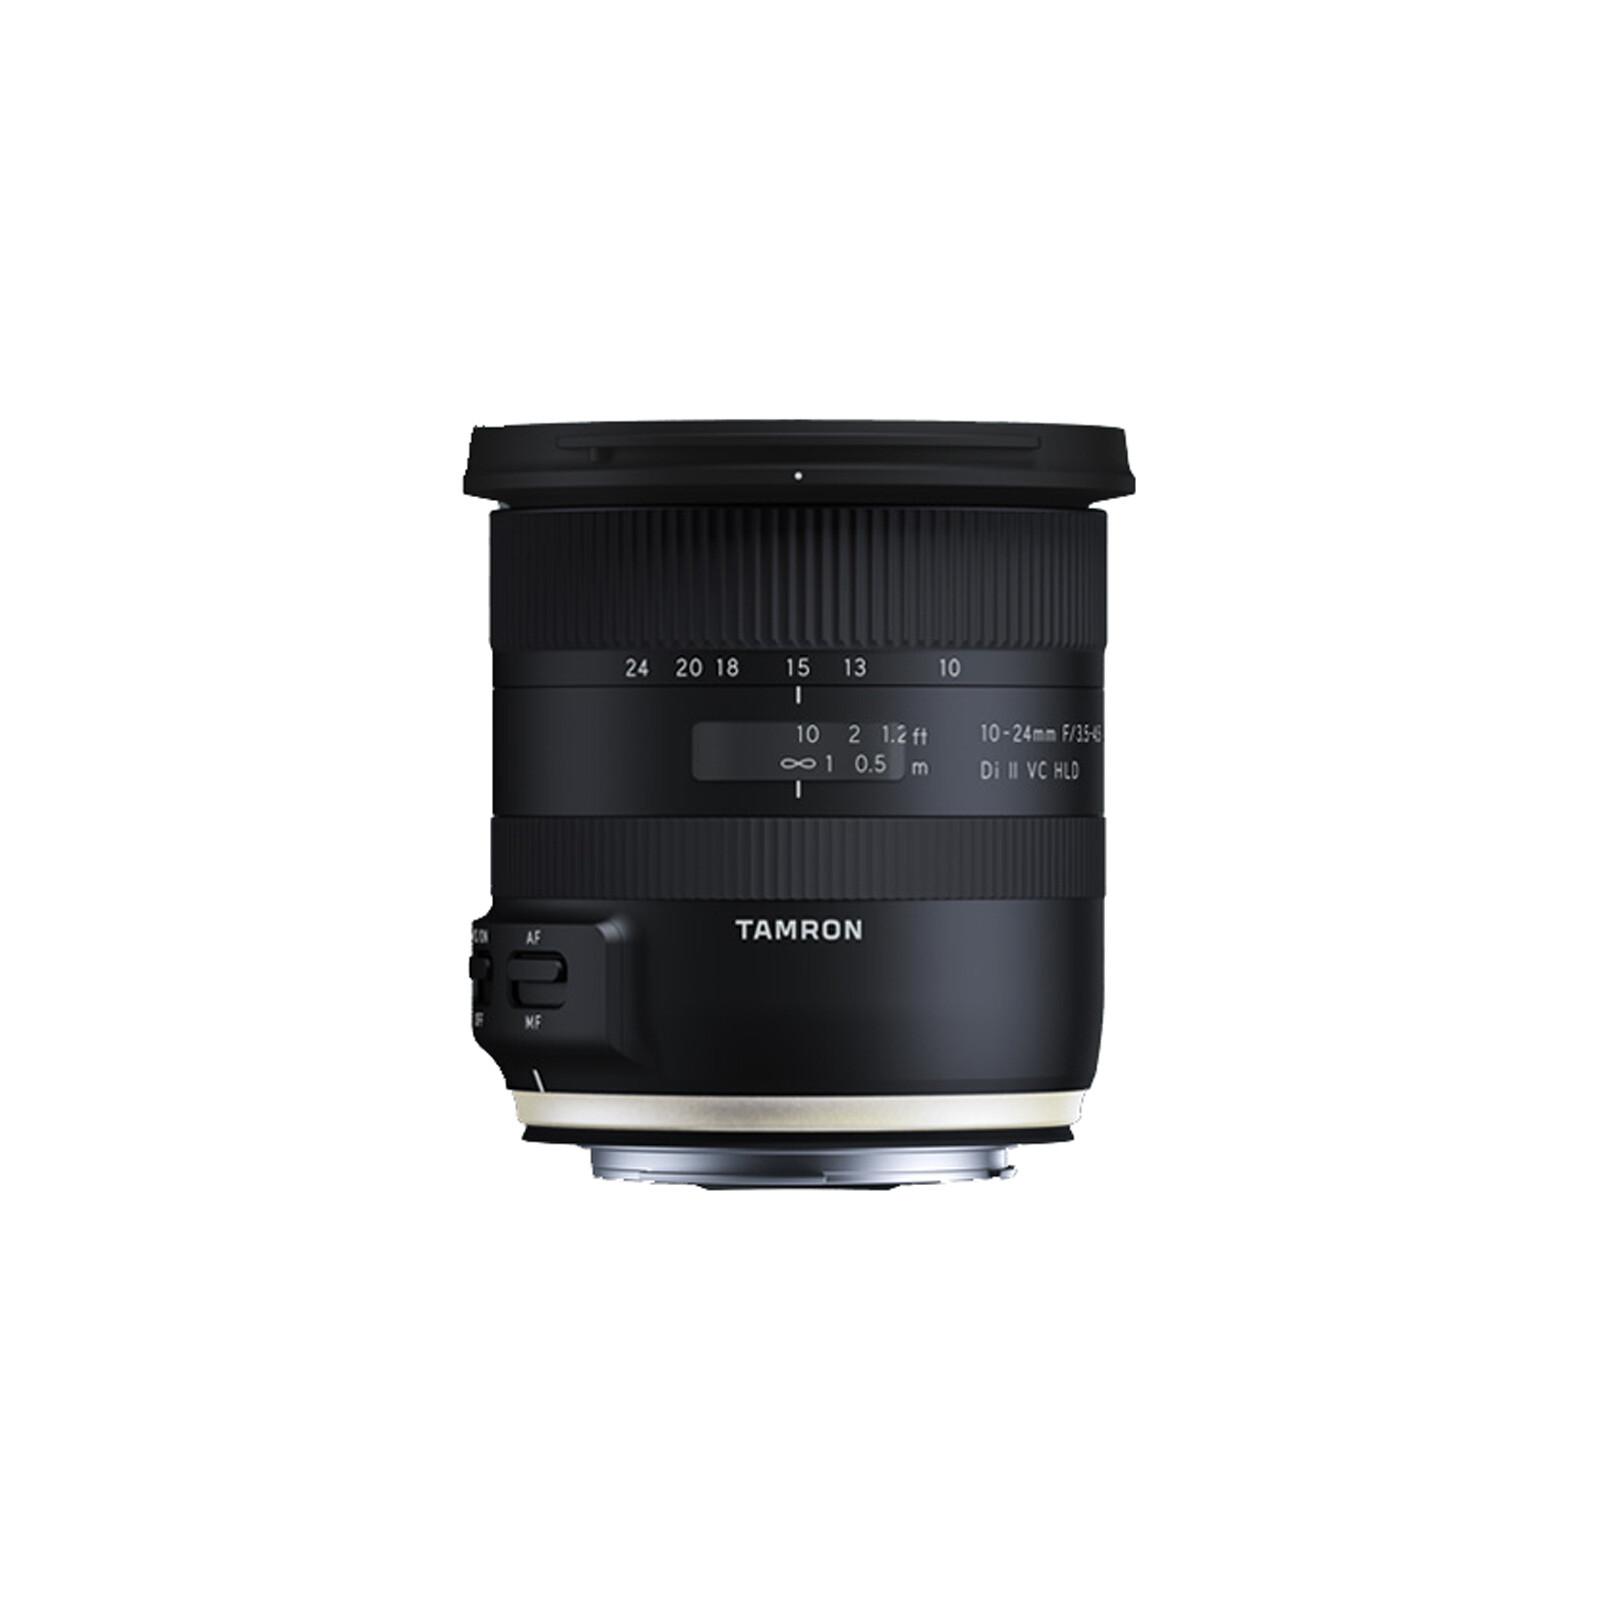 Tamron 10-24/3,5-4,5 Di II VC HLD Canon